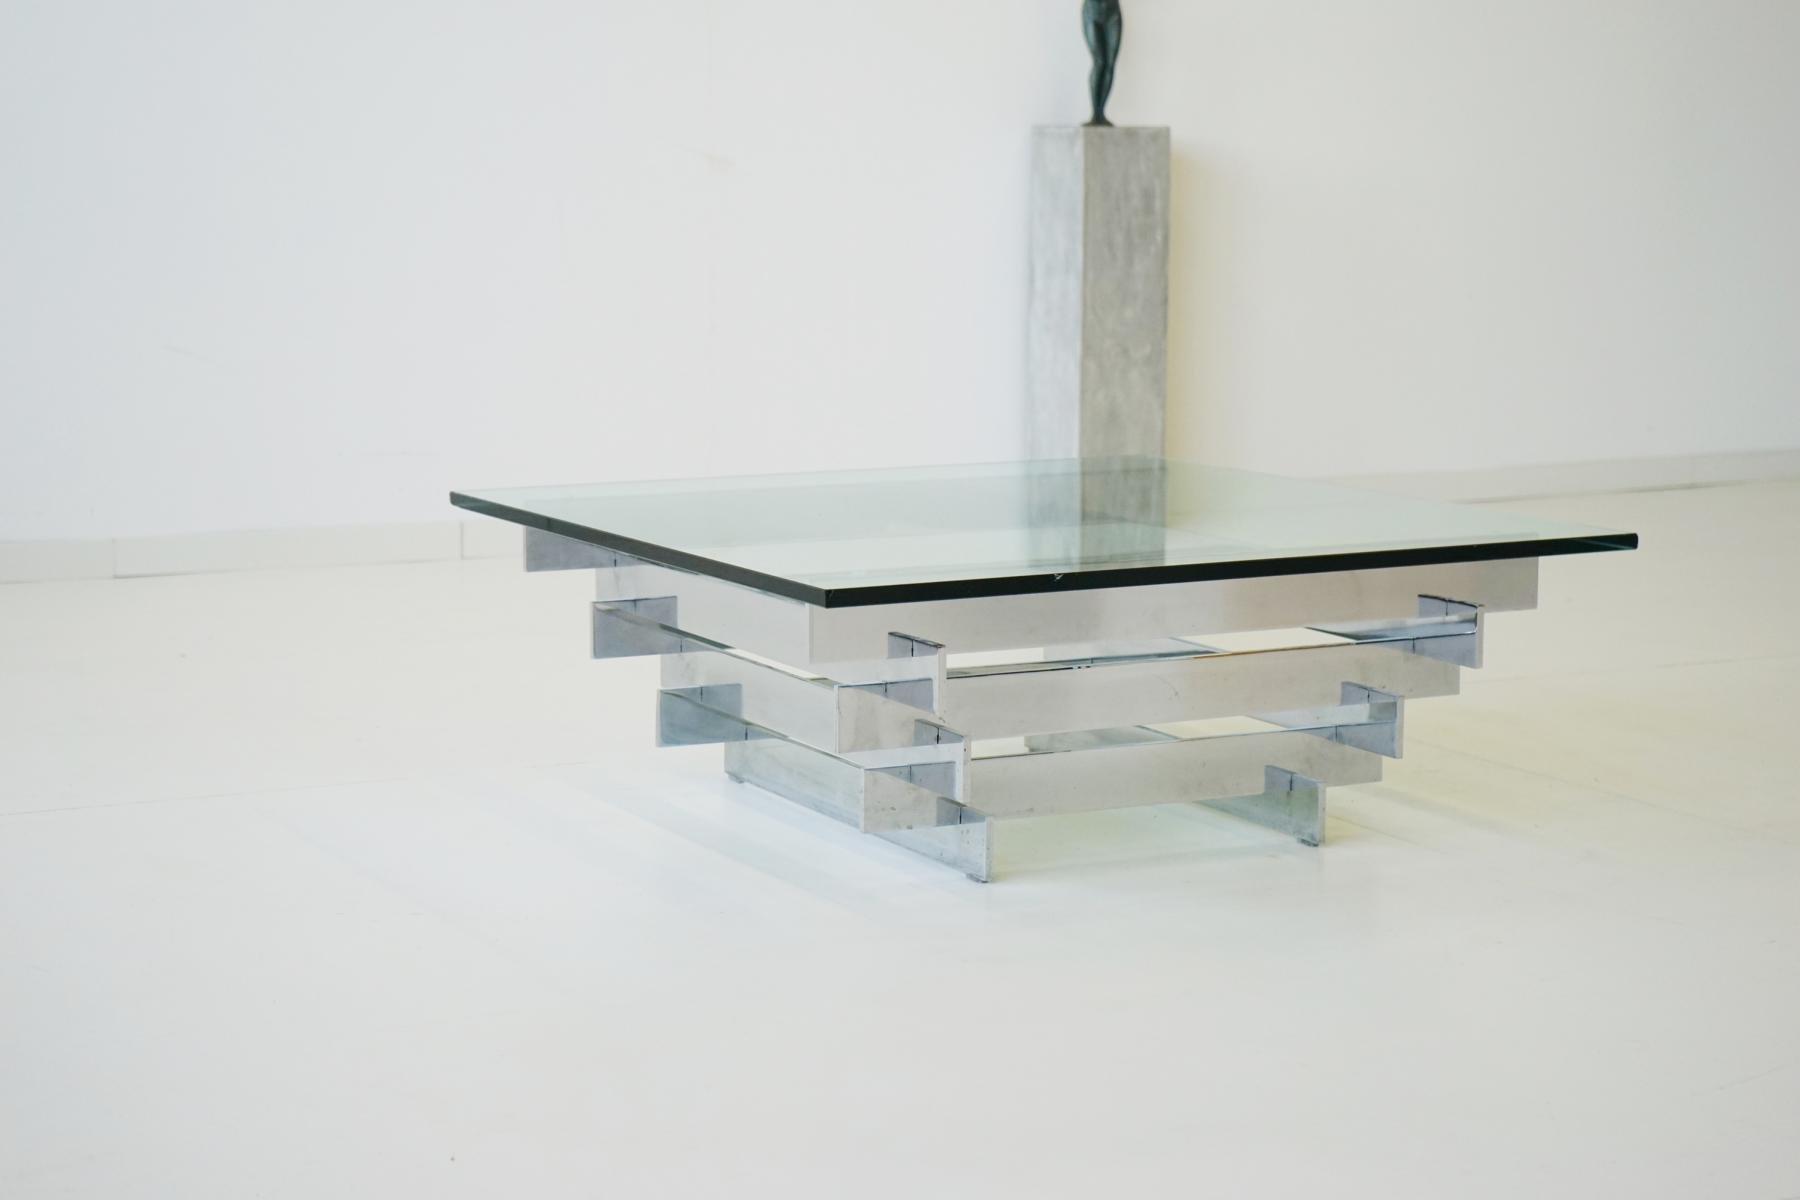 vintage glas chrom couchtisch von zaruch bei pamono kaufen. Black Bedroom Furniture Sets. Home Design Ideas